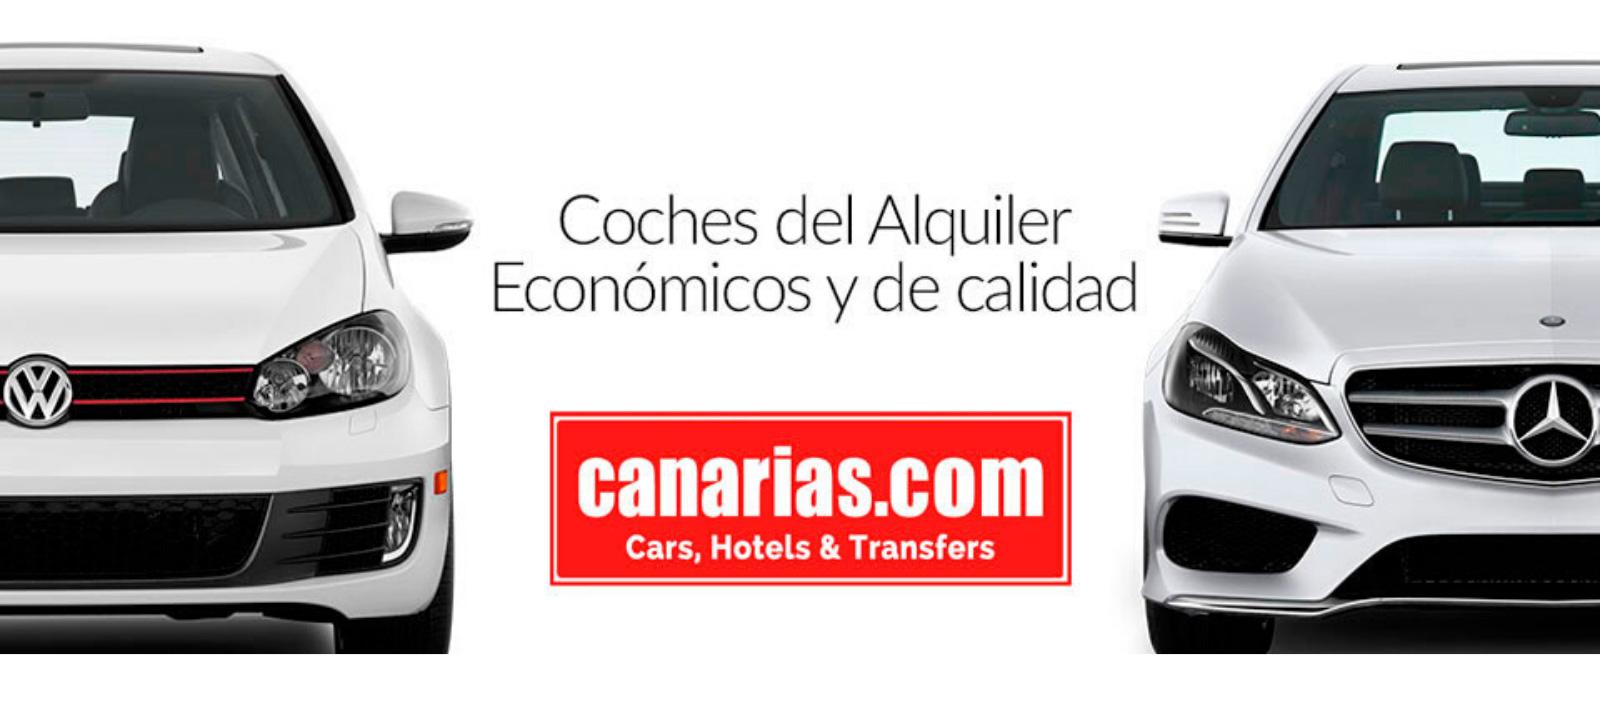 canarias.com coches hoteles y traslados hotels